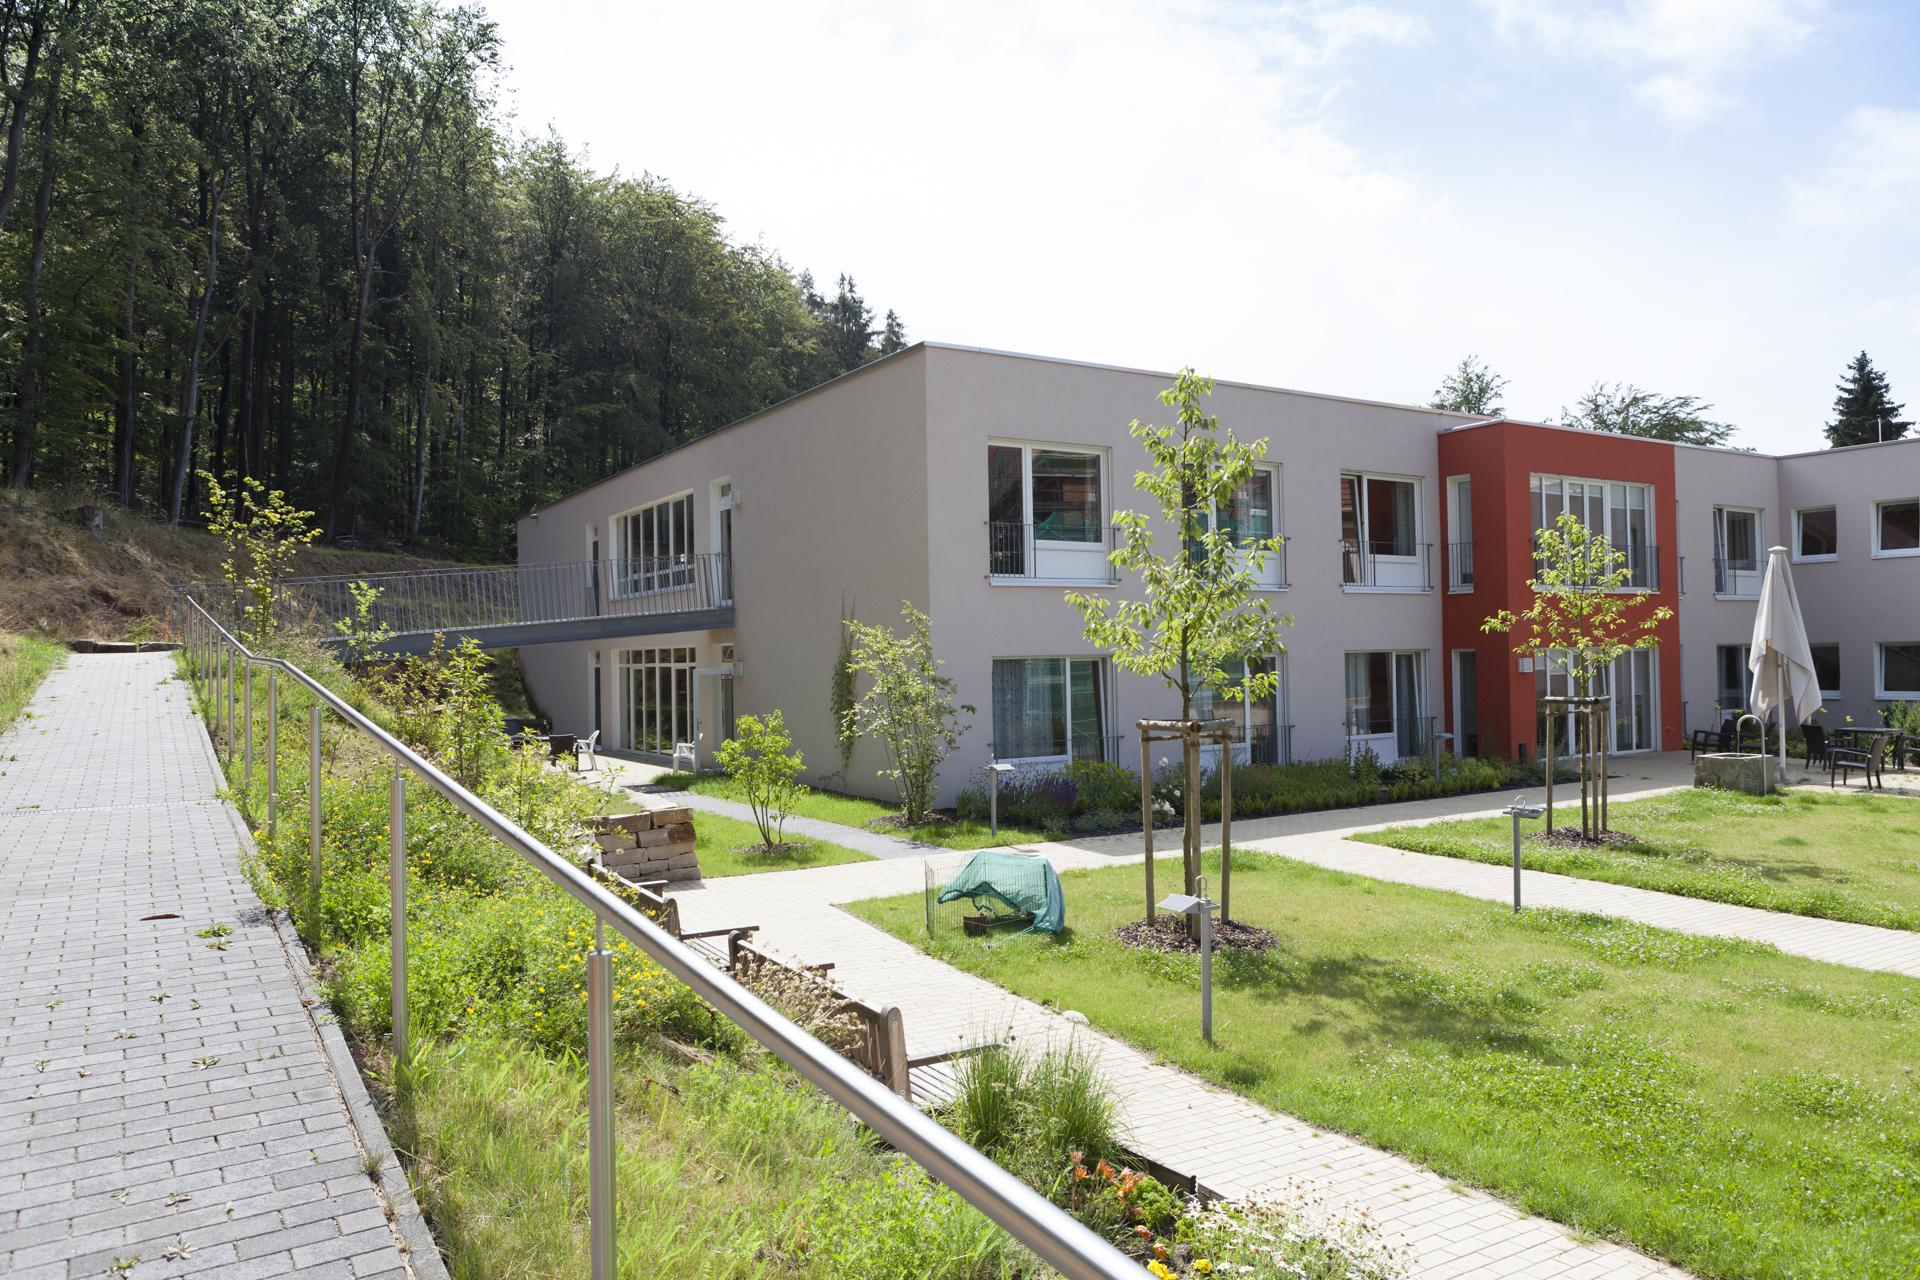 16-110701-pflegeheim-065